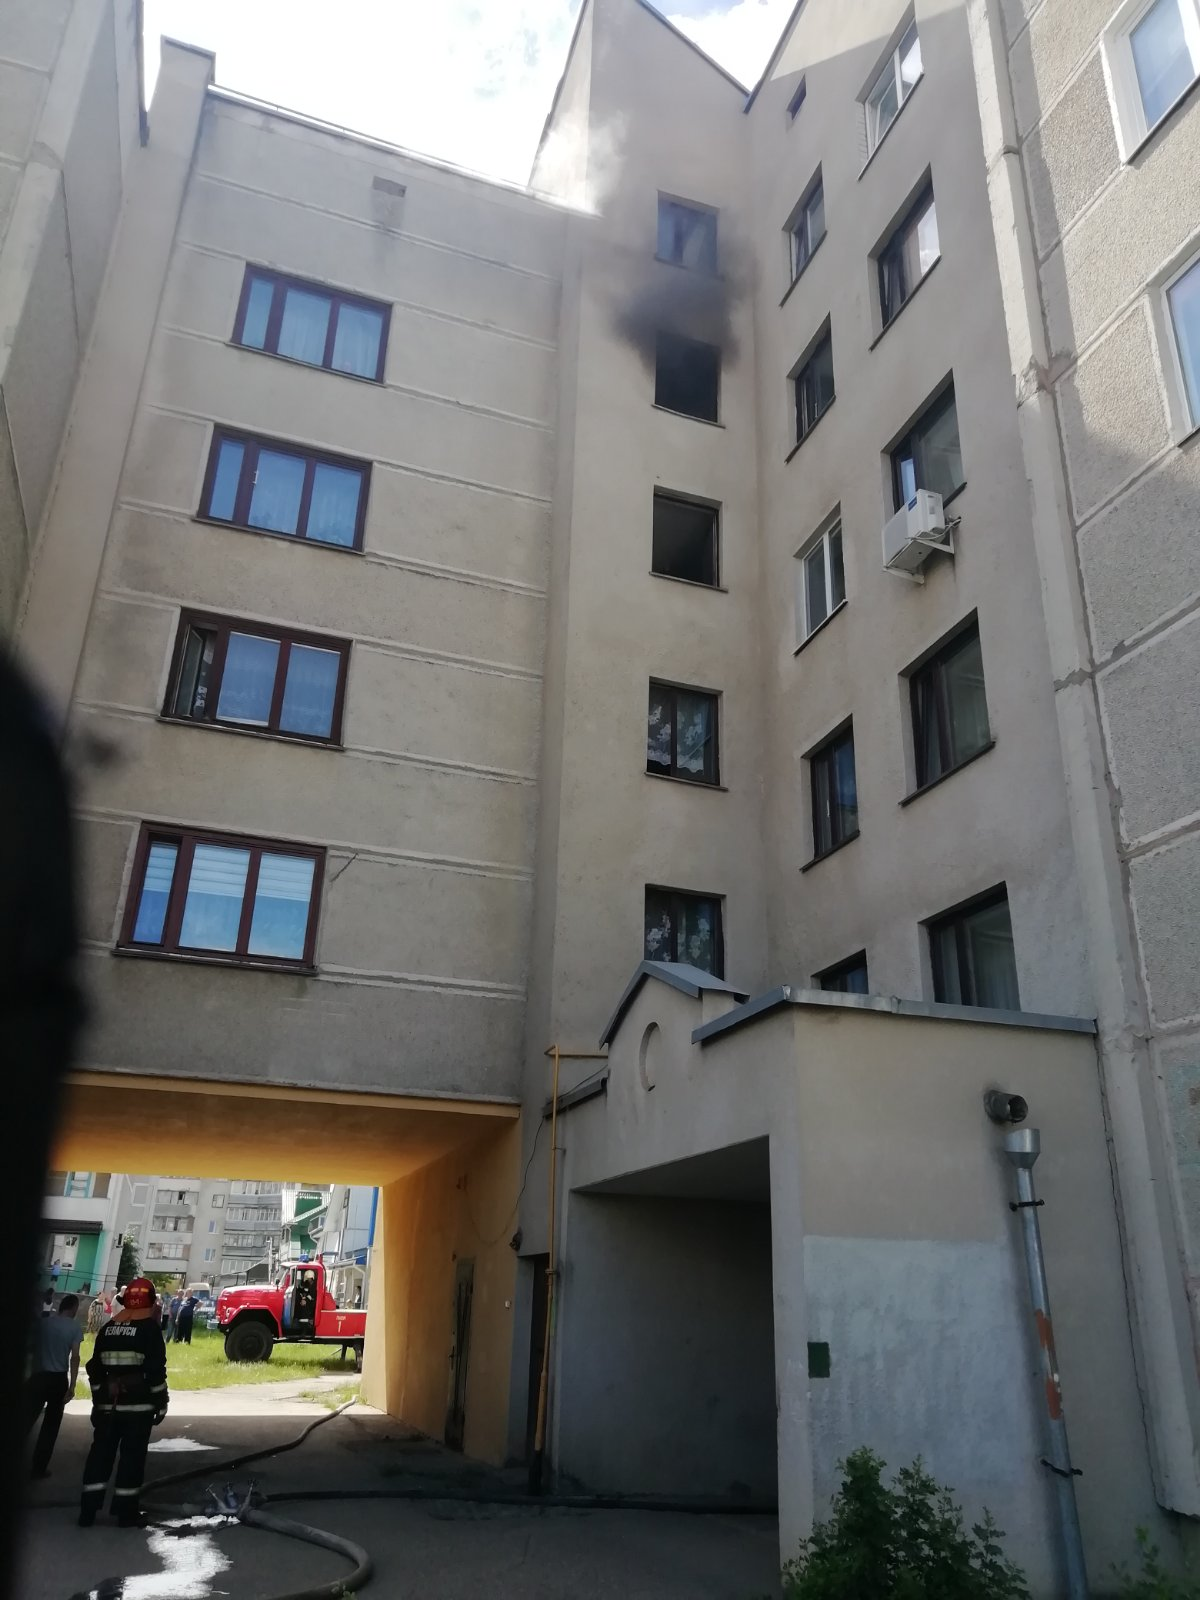 Лидские спасатели выезжали на тушение пожара в квартире по улице Тухачевского